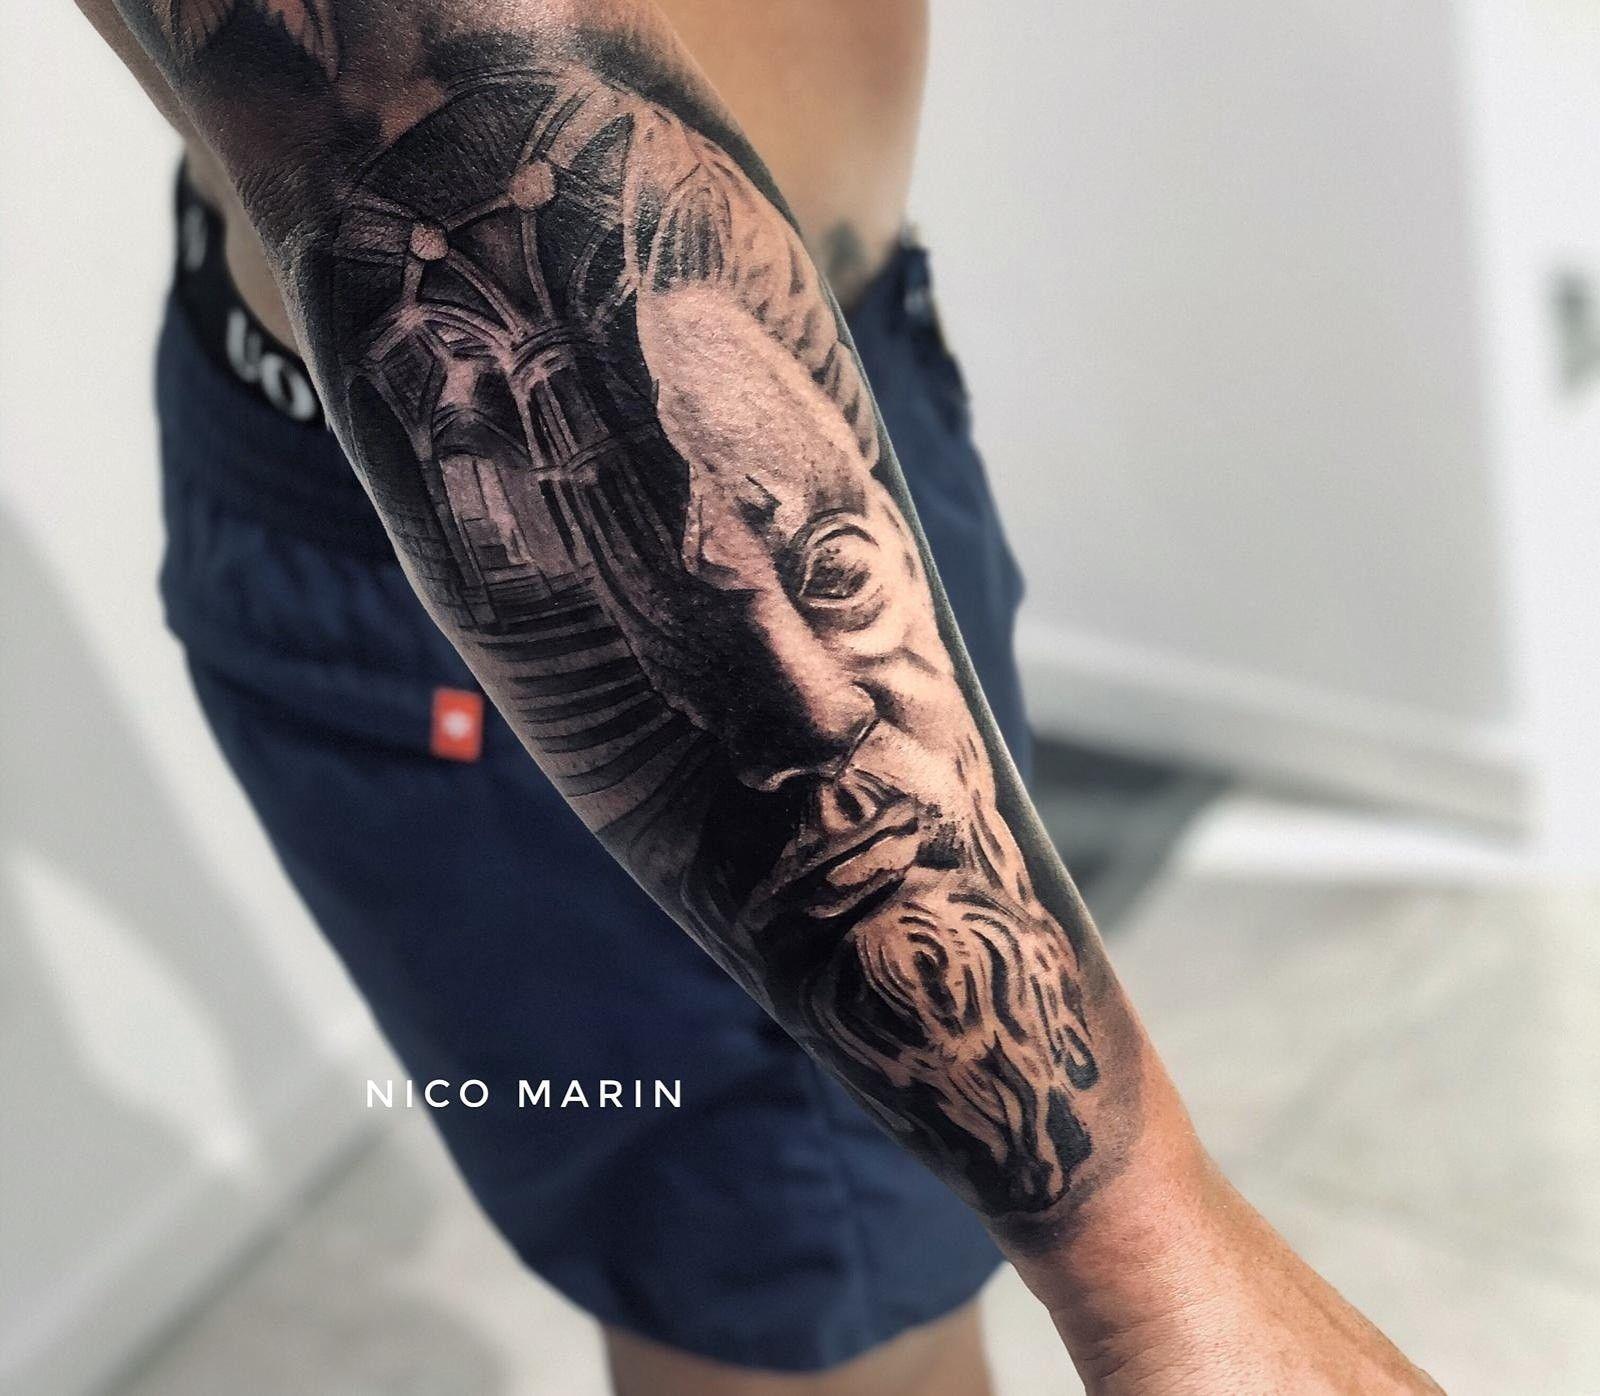 Escultura tattoo #blackandgrey